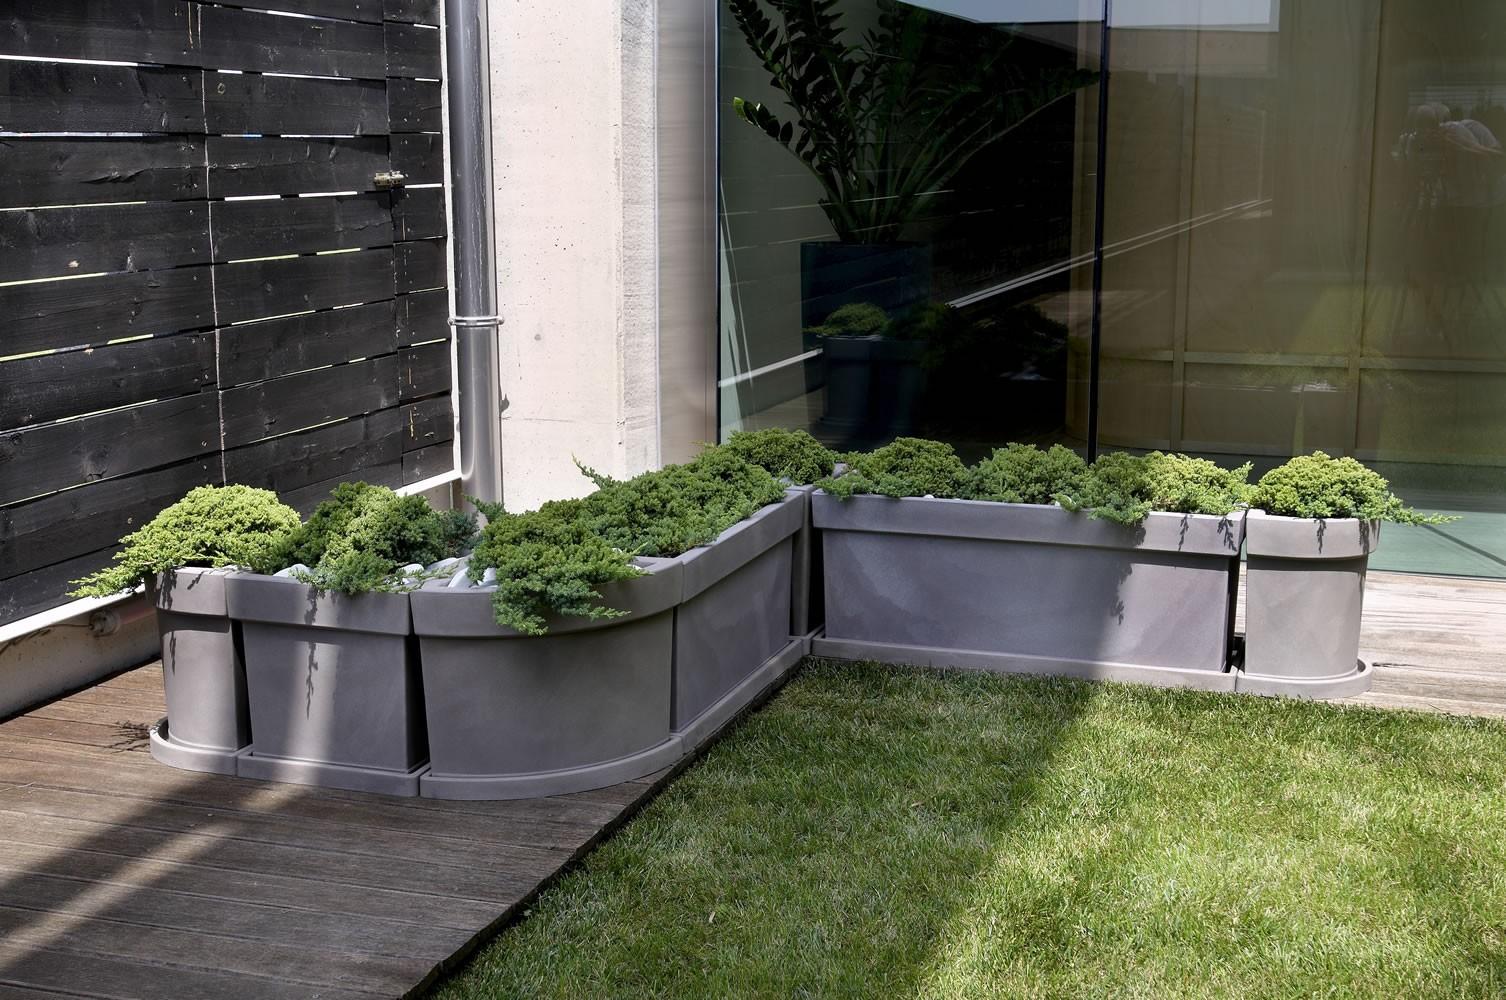 Vaso angolare per piante themis nicoli - Giardino in terrazza ...